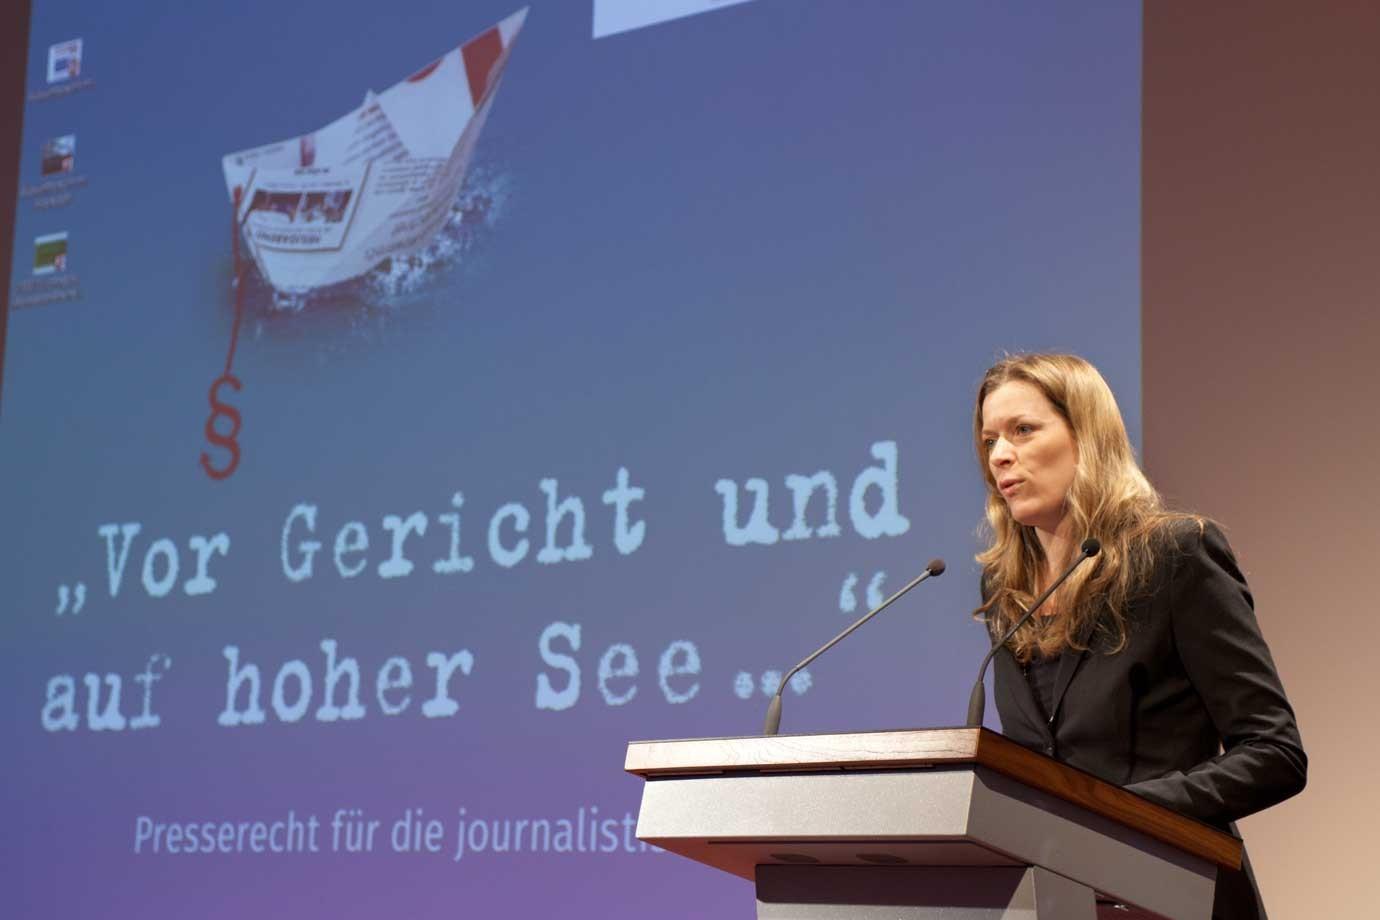 nr's 2. Vorsitzende Julia Stein eröffnet die Konferenz. Foto: Franziska Senkel